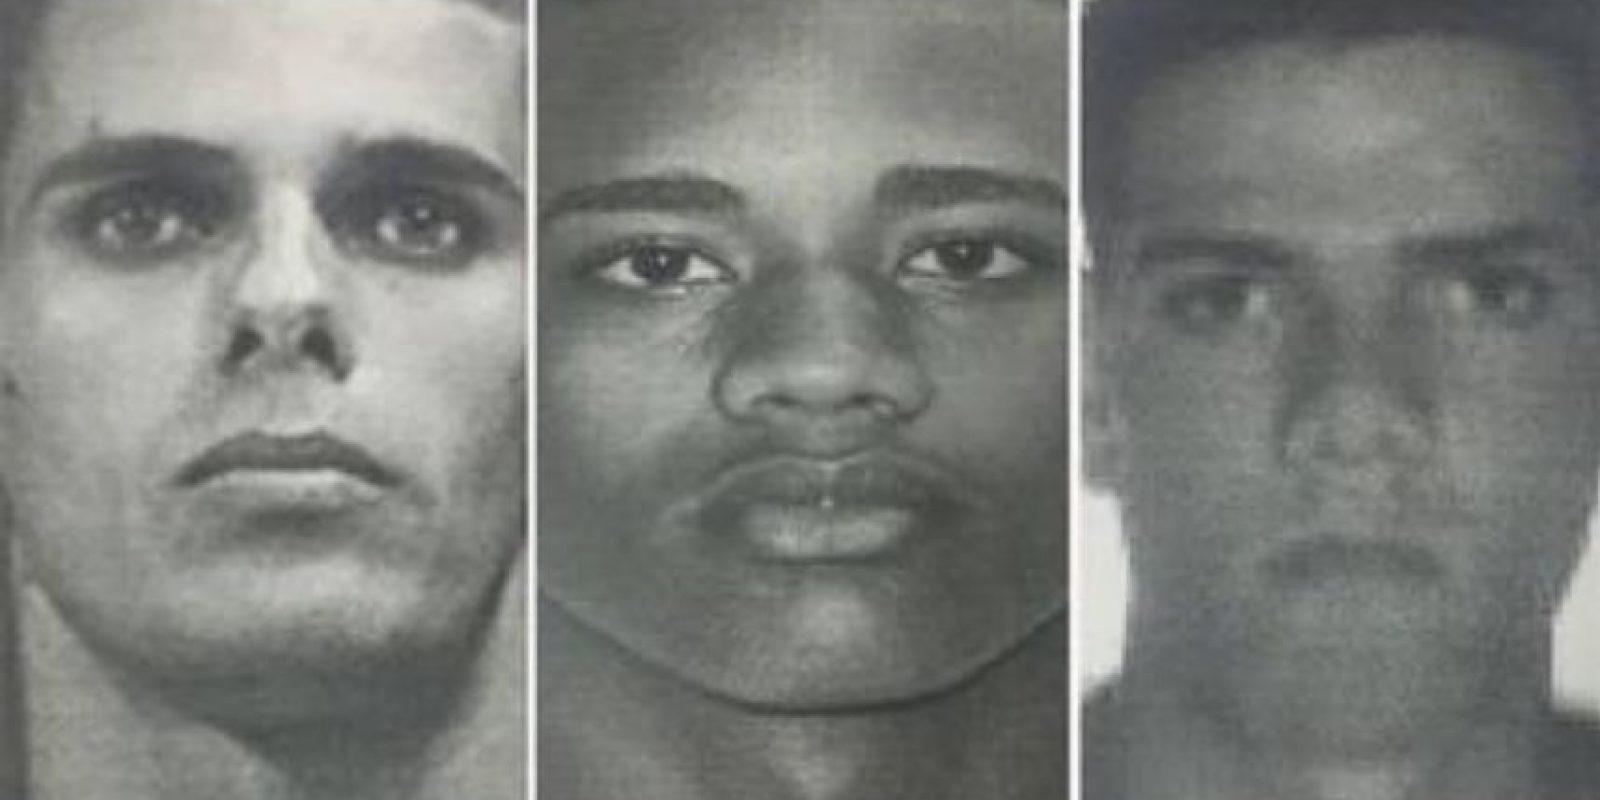 Misma que emitió una orden de detención de seis personas, cuyas fotos también hizo públicas. Foto:Polícia Civil do RJ